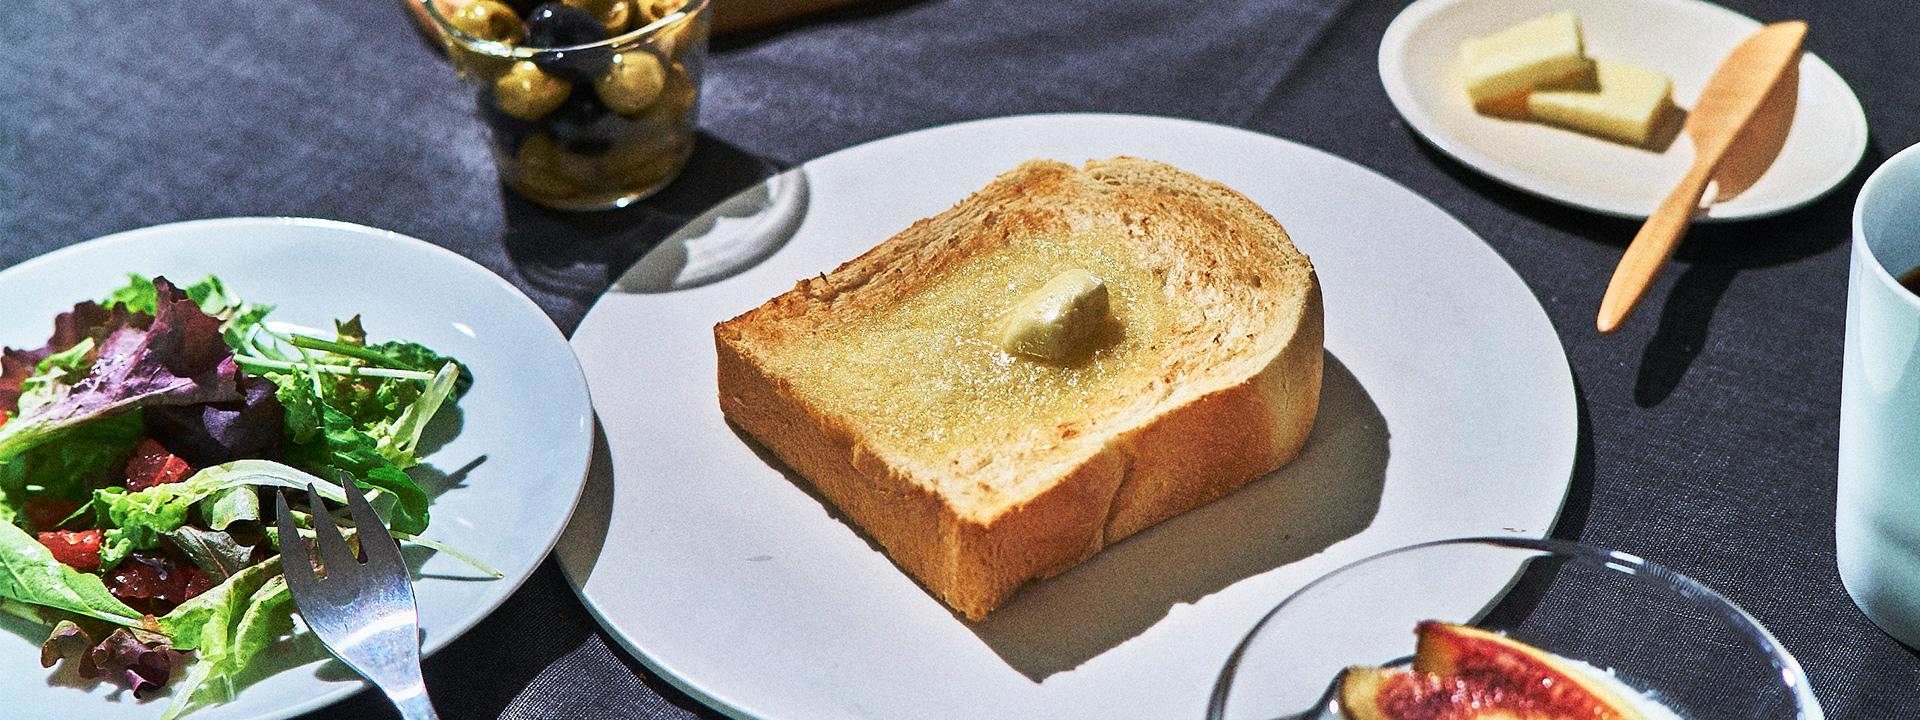 恵比寿のスチパン 大人の生スチパンで朝食を